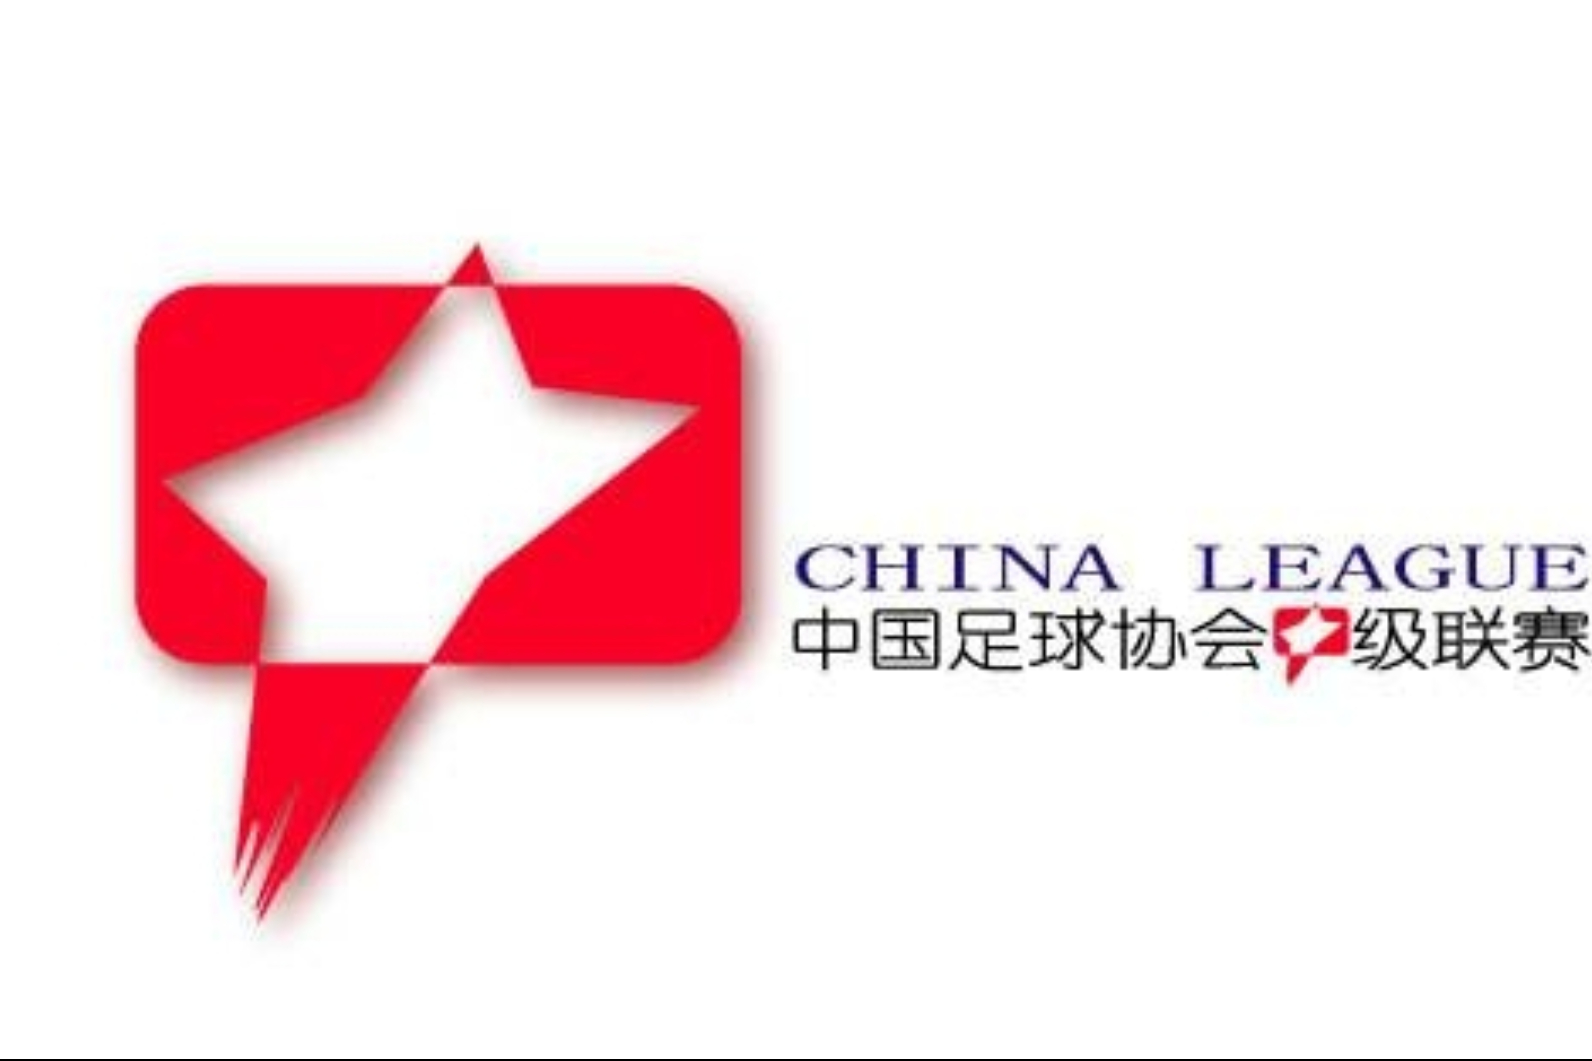 中甲联赛将于今晚在武汉开幕,揭幕战预计吸引近2万观众-今球app官网